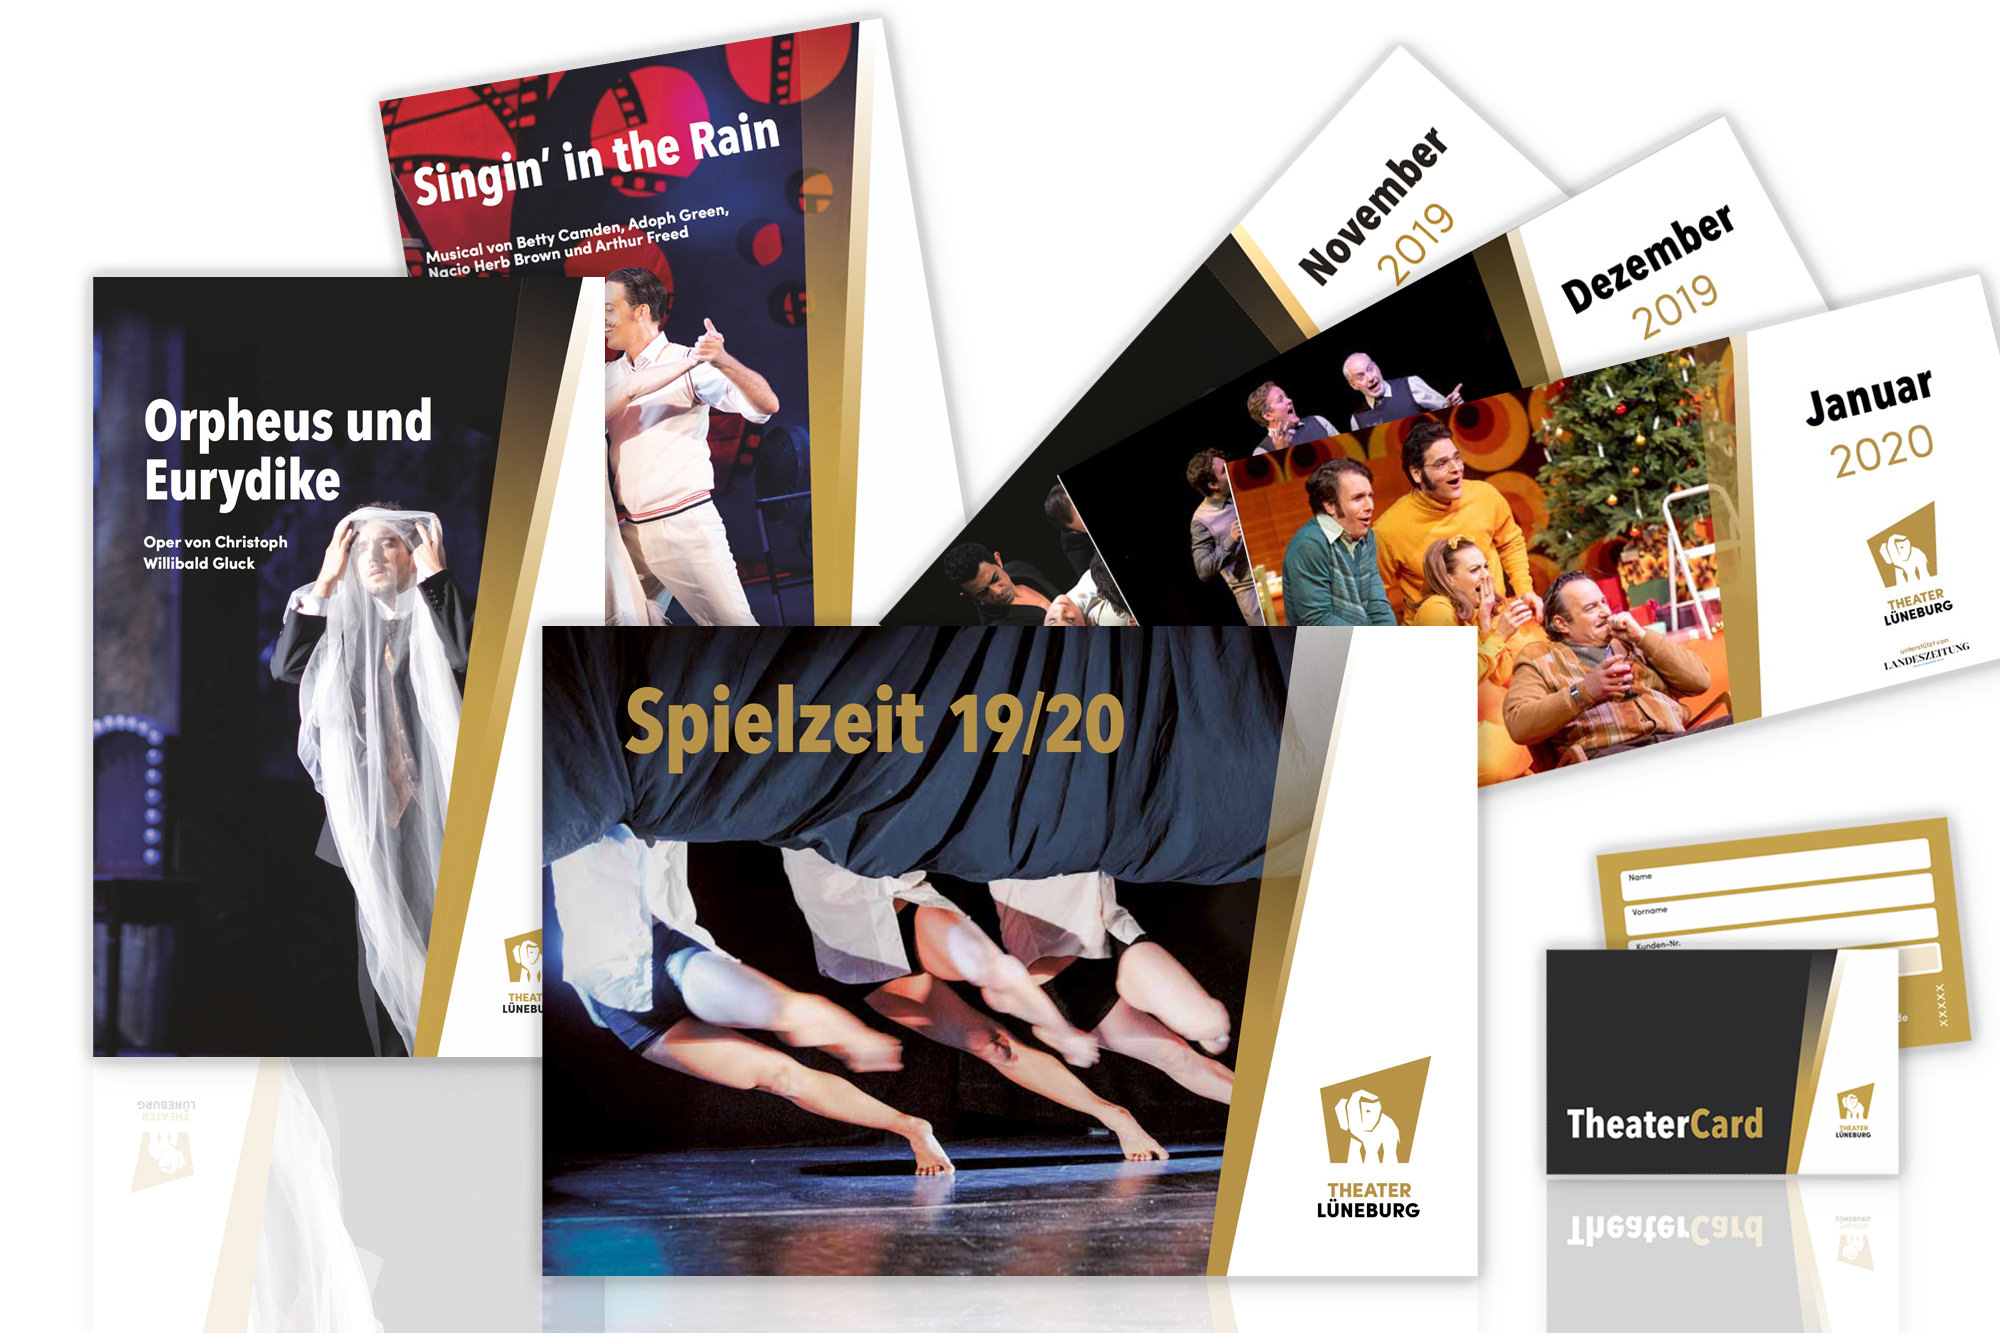 Entwicklung des Corporate Designs mit Printmedien wie Broschüren, Leporello, Plakate, Programmhefte